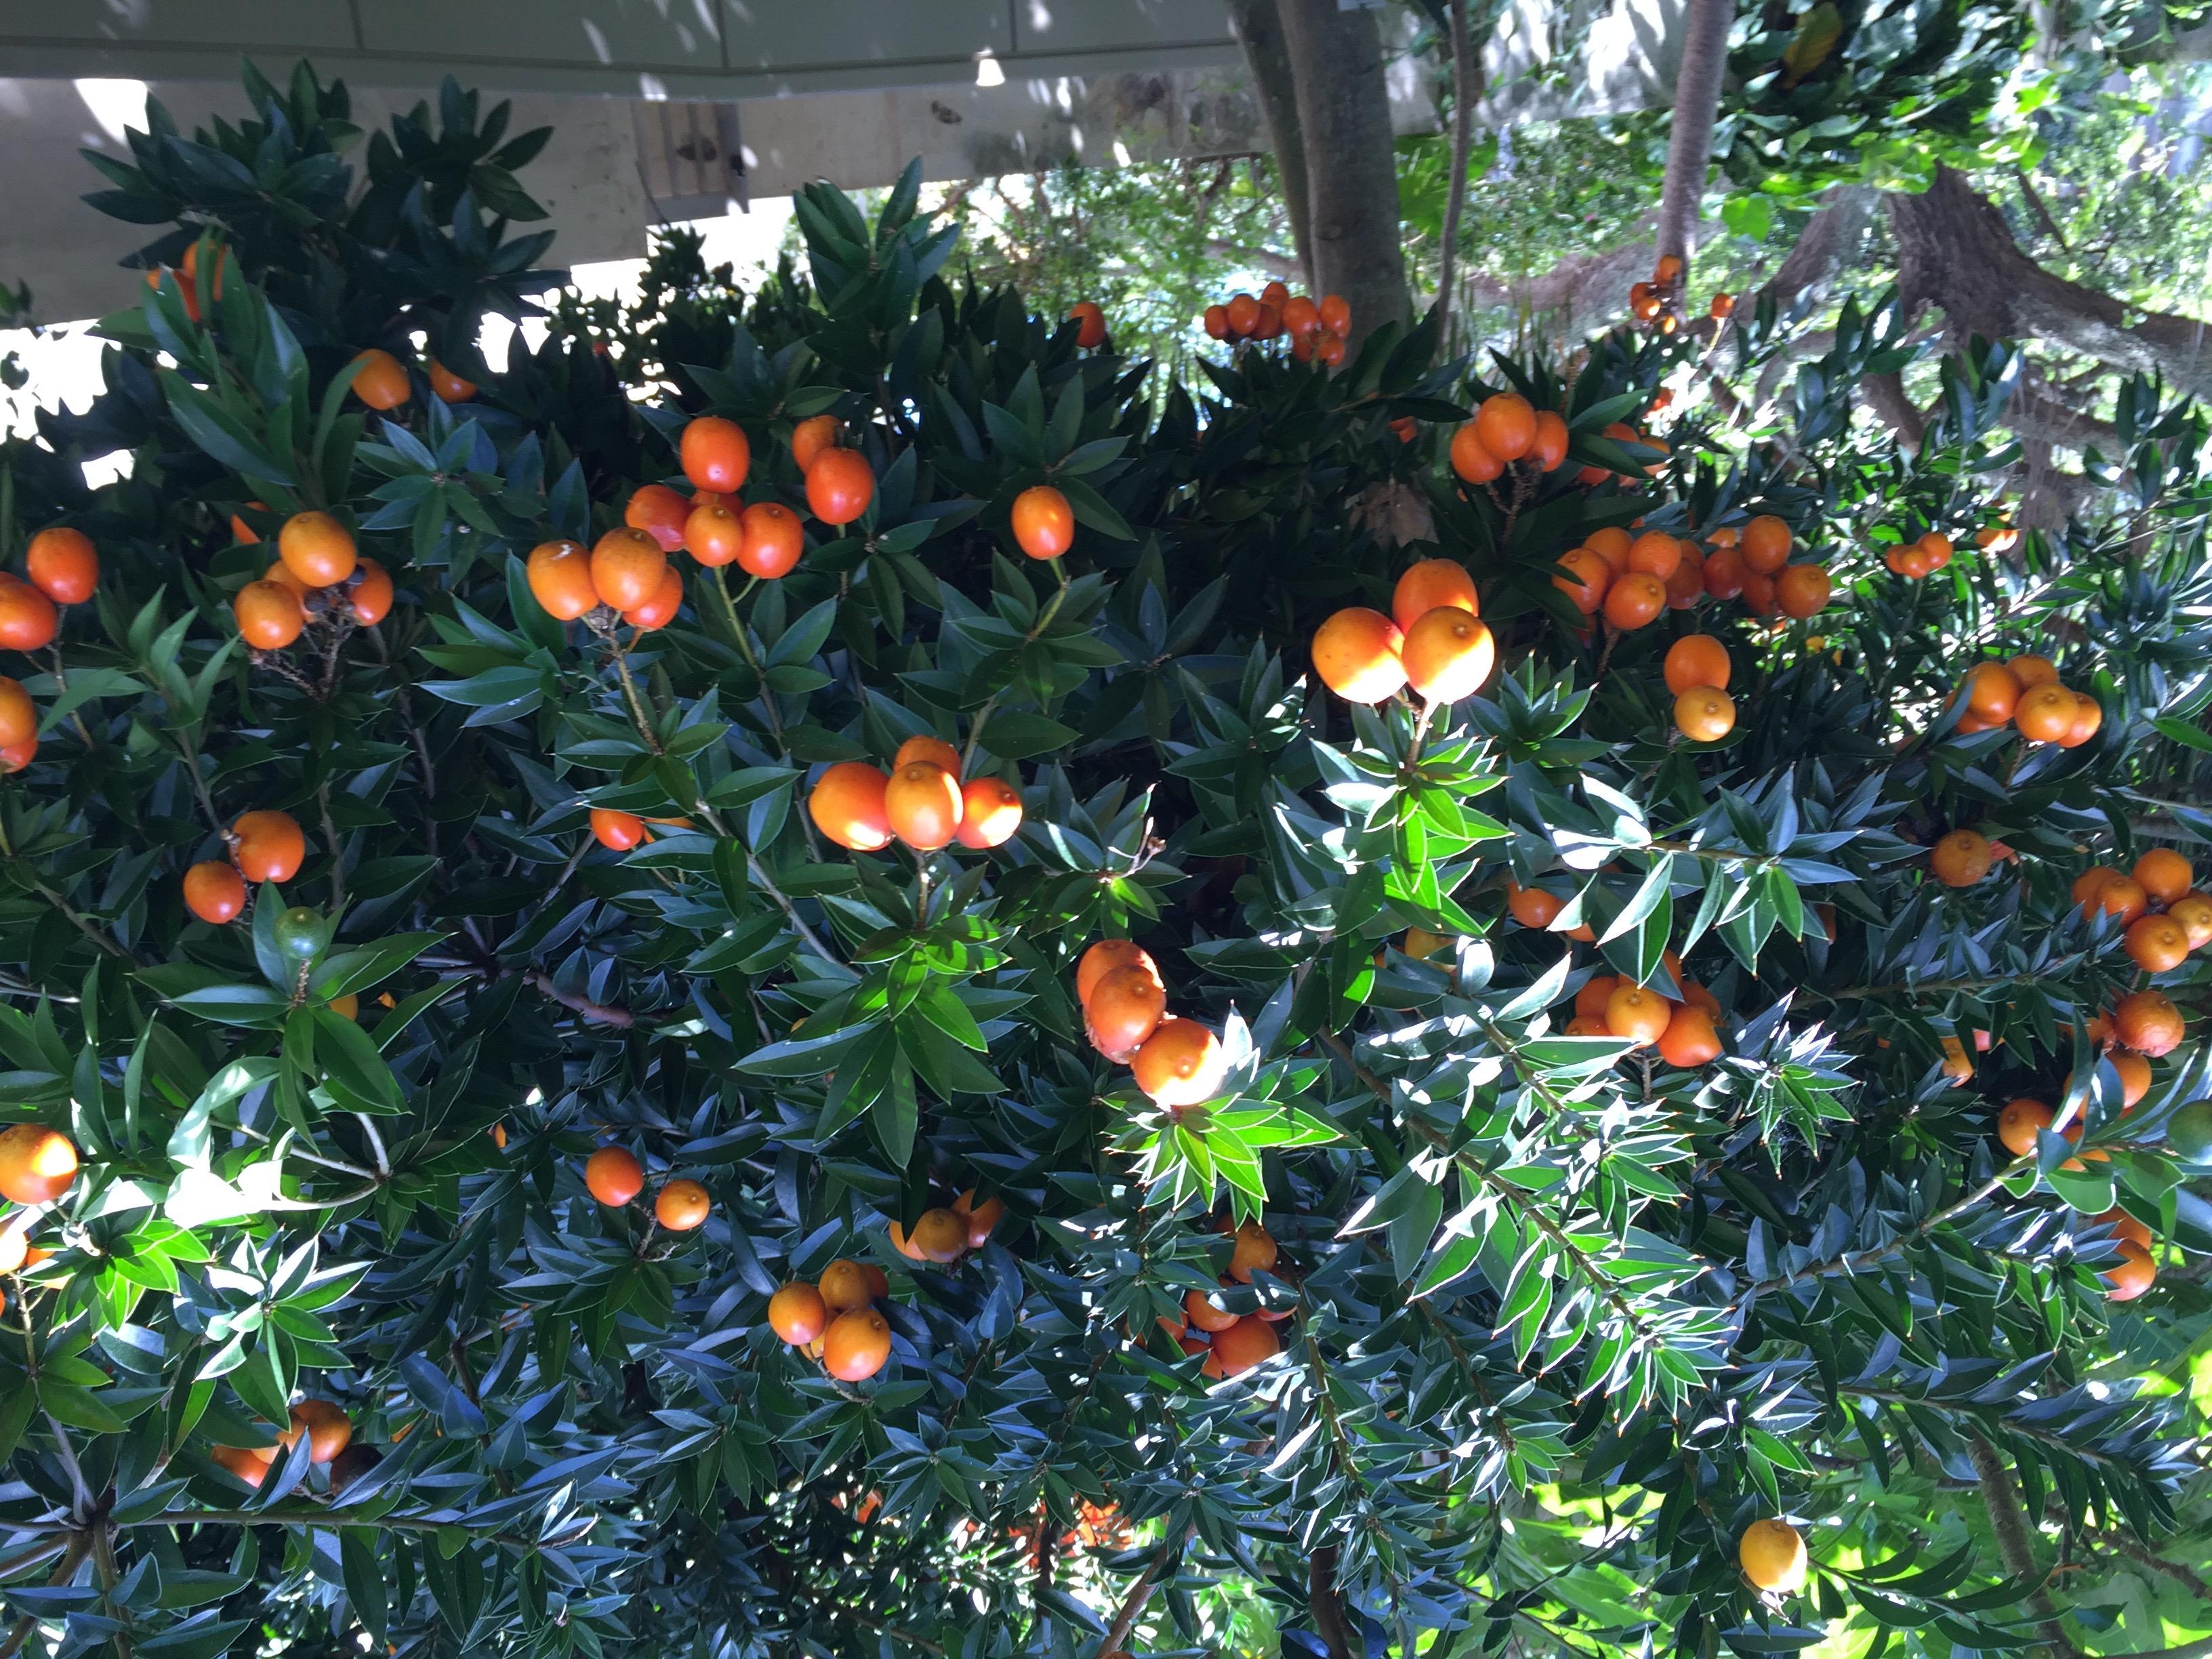 Tangerine tree image, Honolulu, HI